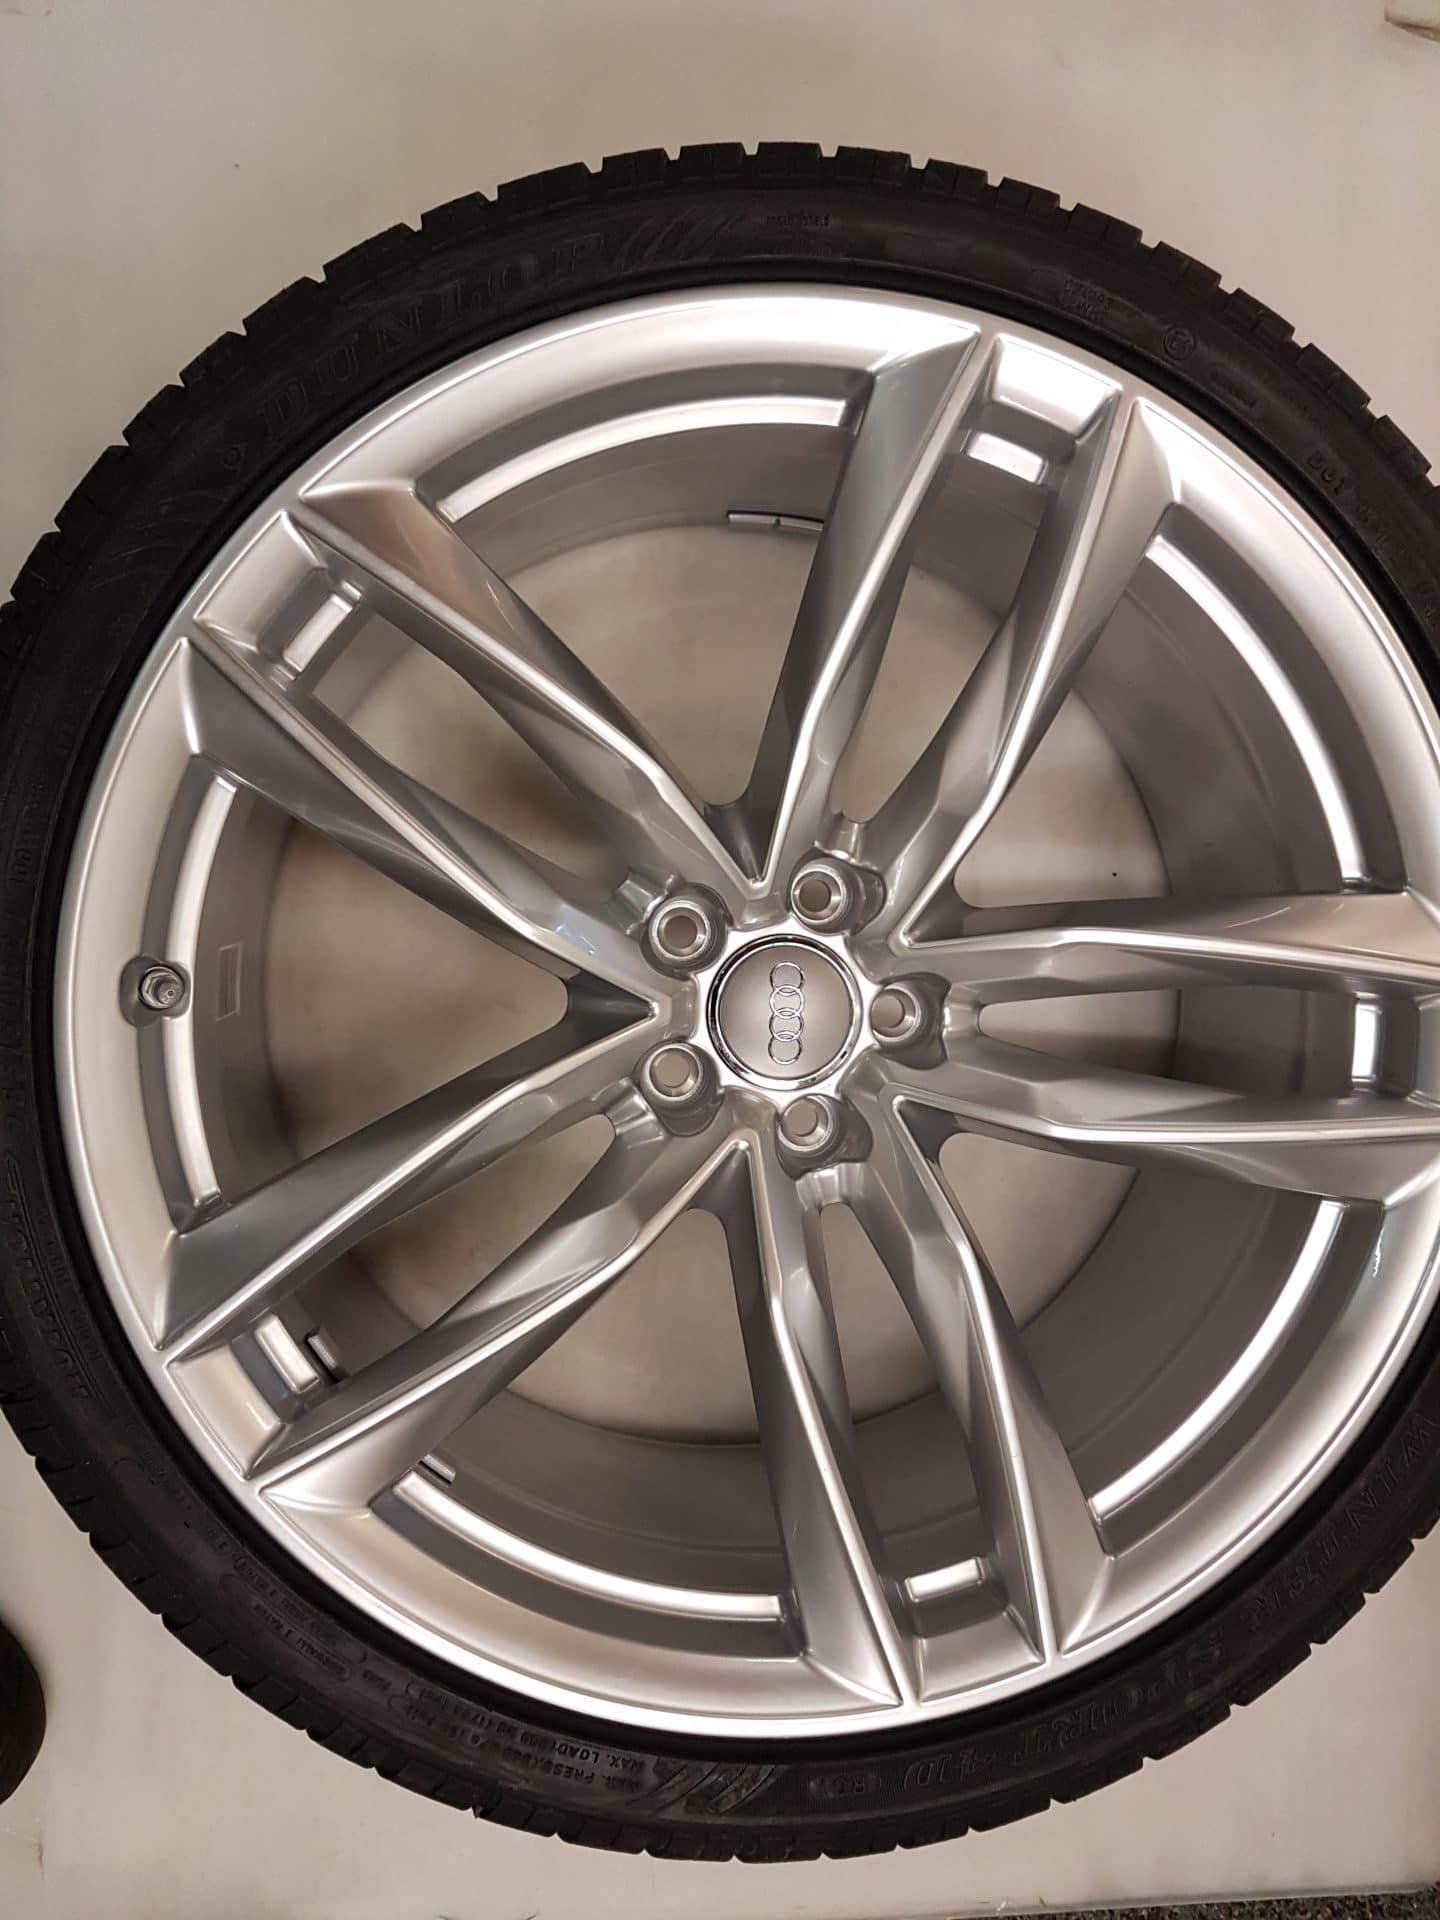 Originele Audi Rs6 21 Inch Velgen Dunlop 285 30 21 100w Sp Wintersport 4d Ro1 Winterbanden